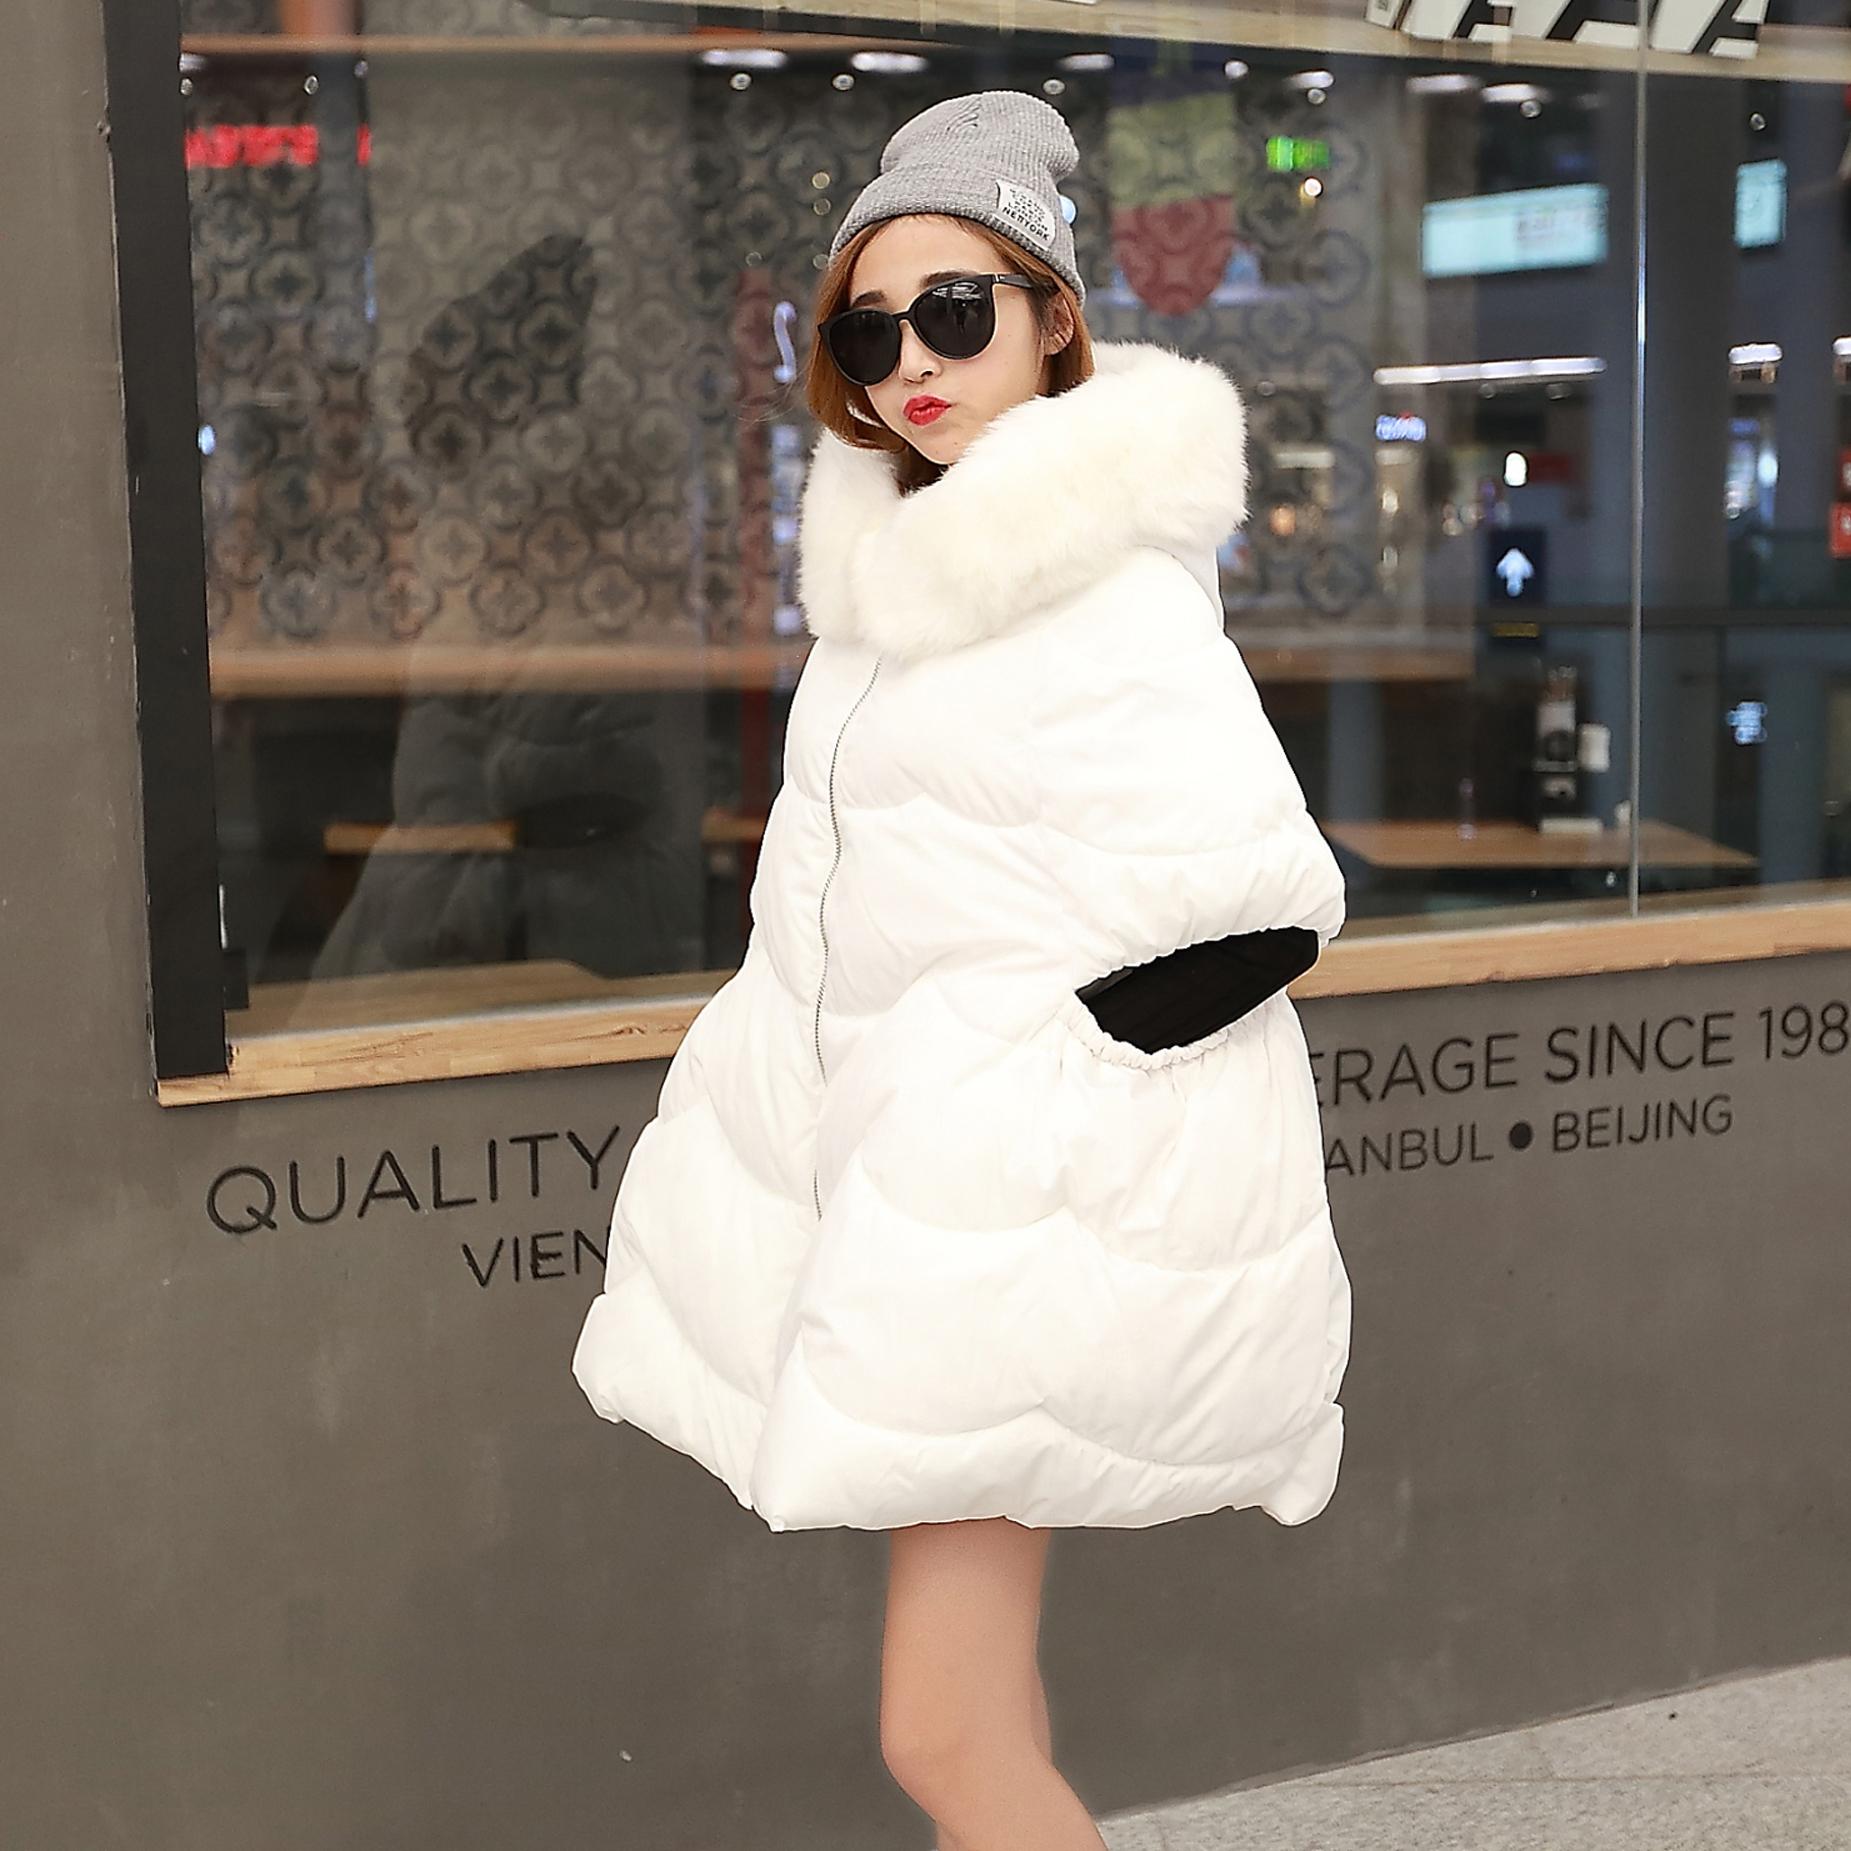 冬装宽松棉衣女装新款斗蓬外套大毛领棉服欧美大码棉袄胖mm200斤